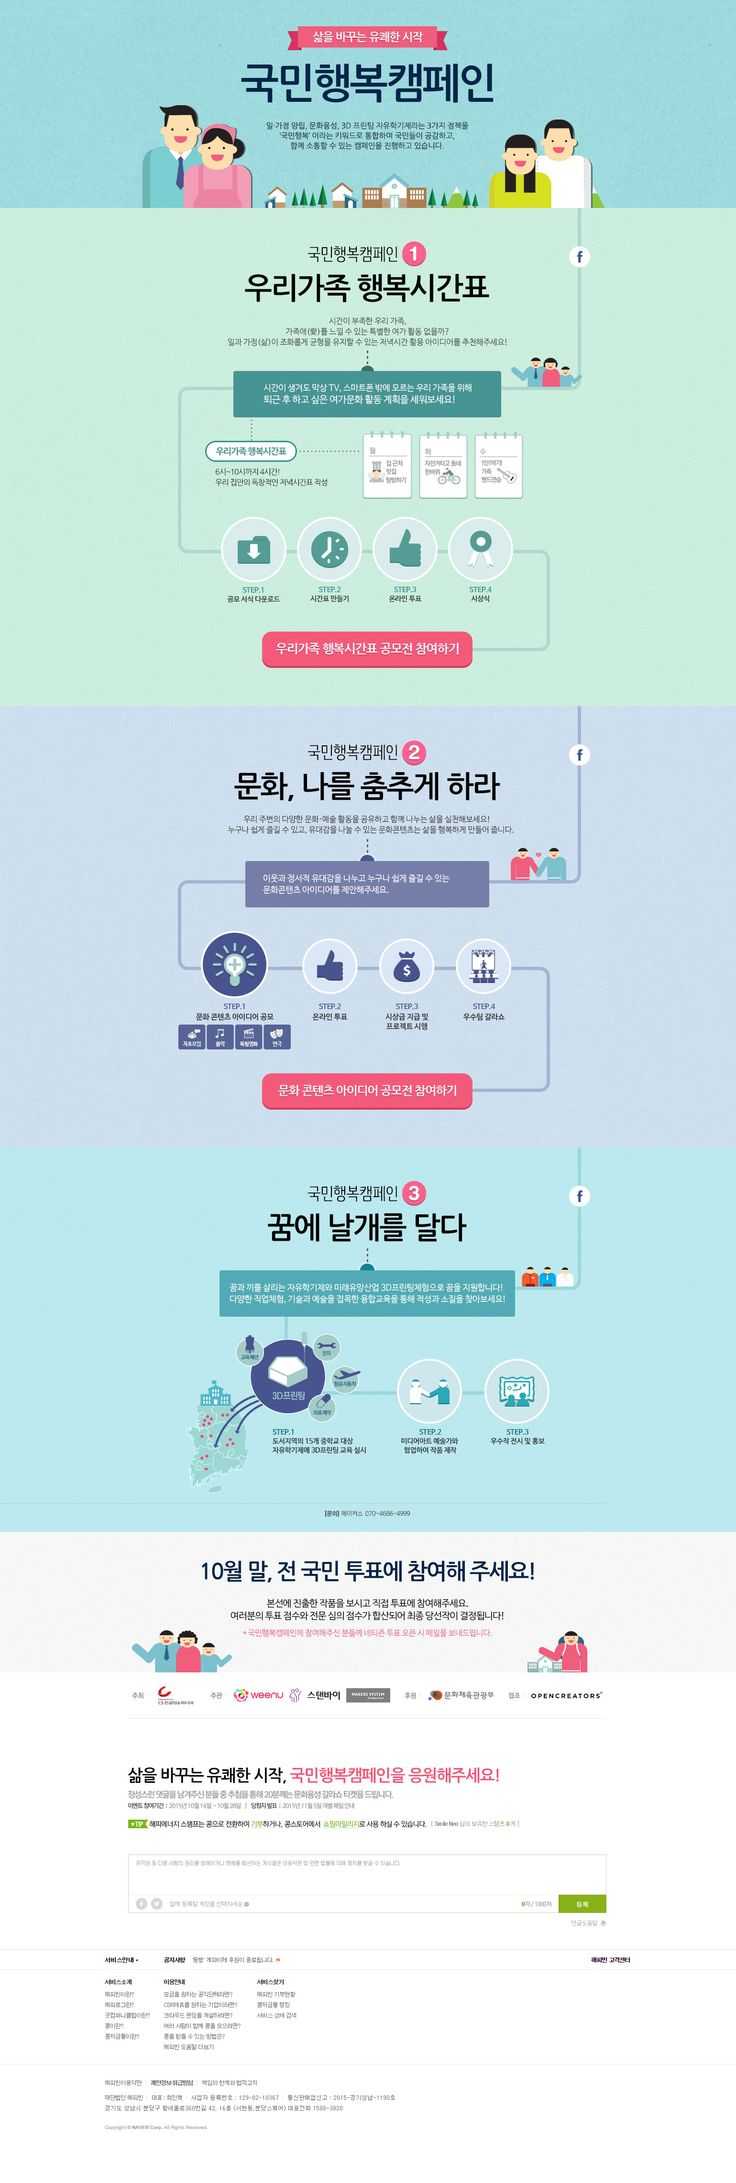 국민행복캠페인 해피빈